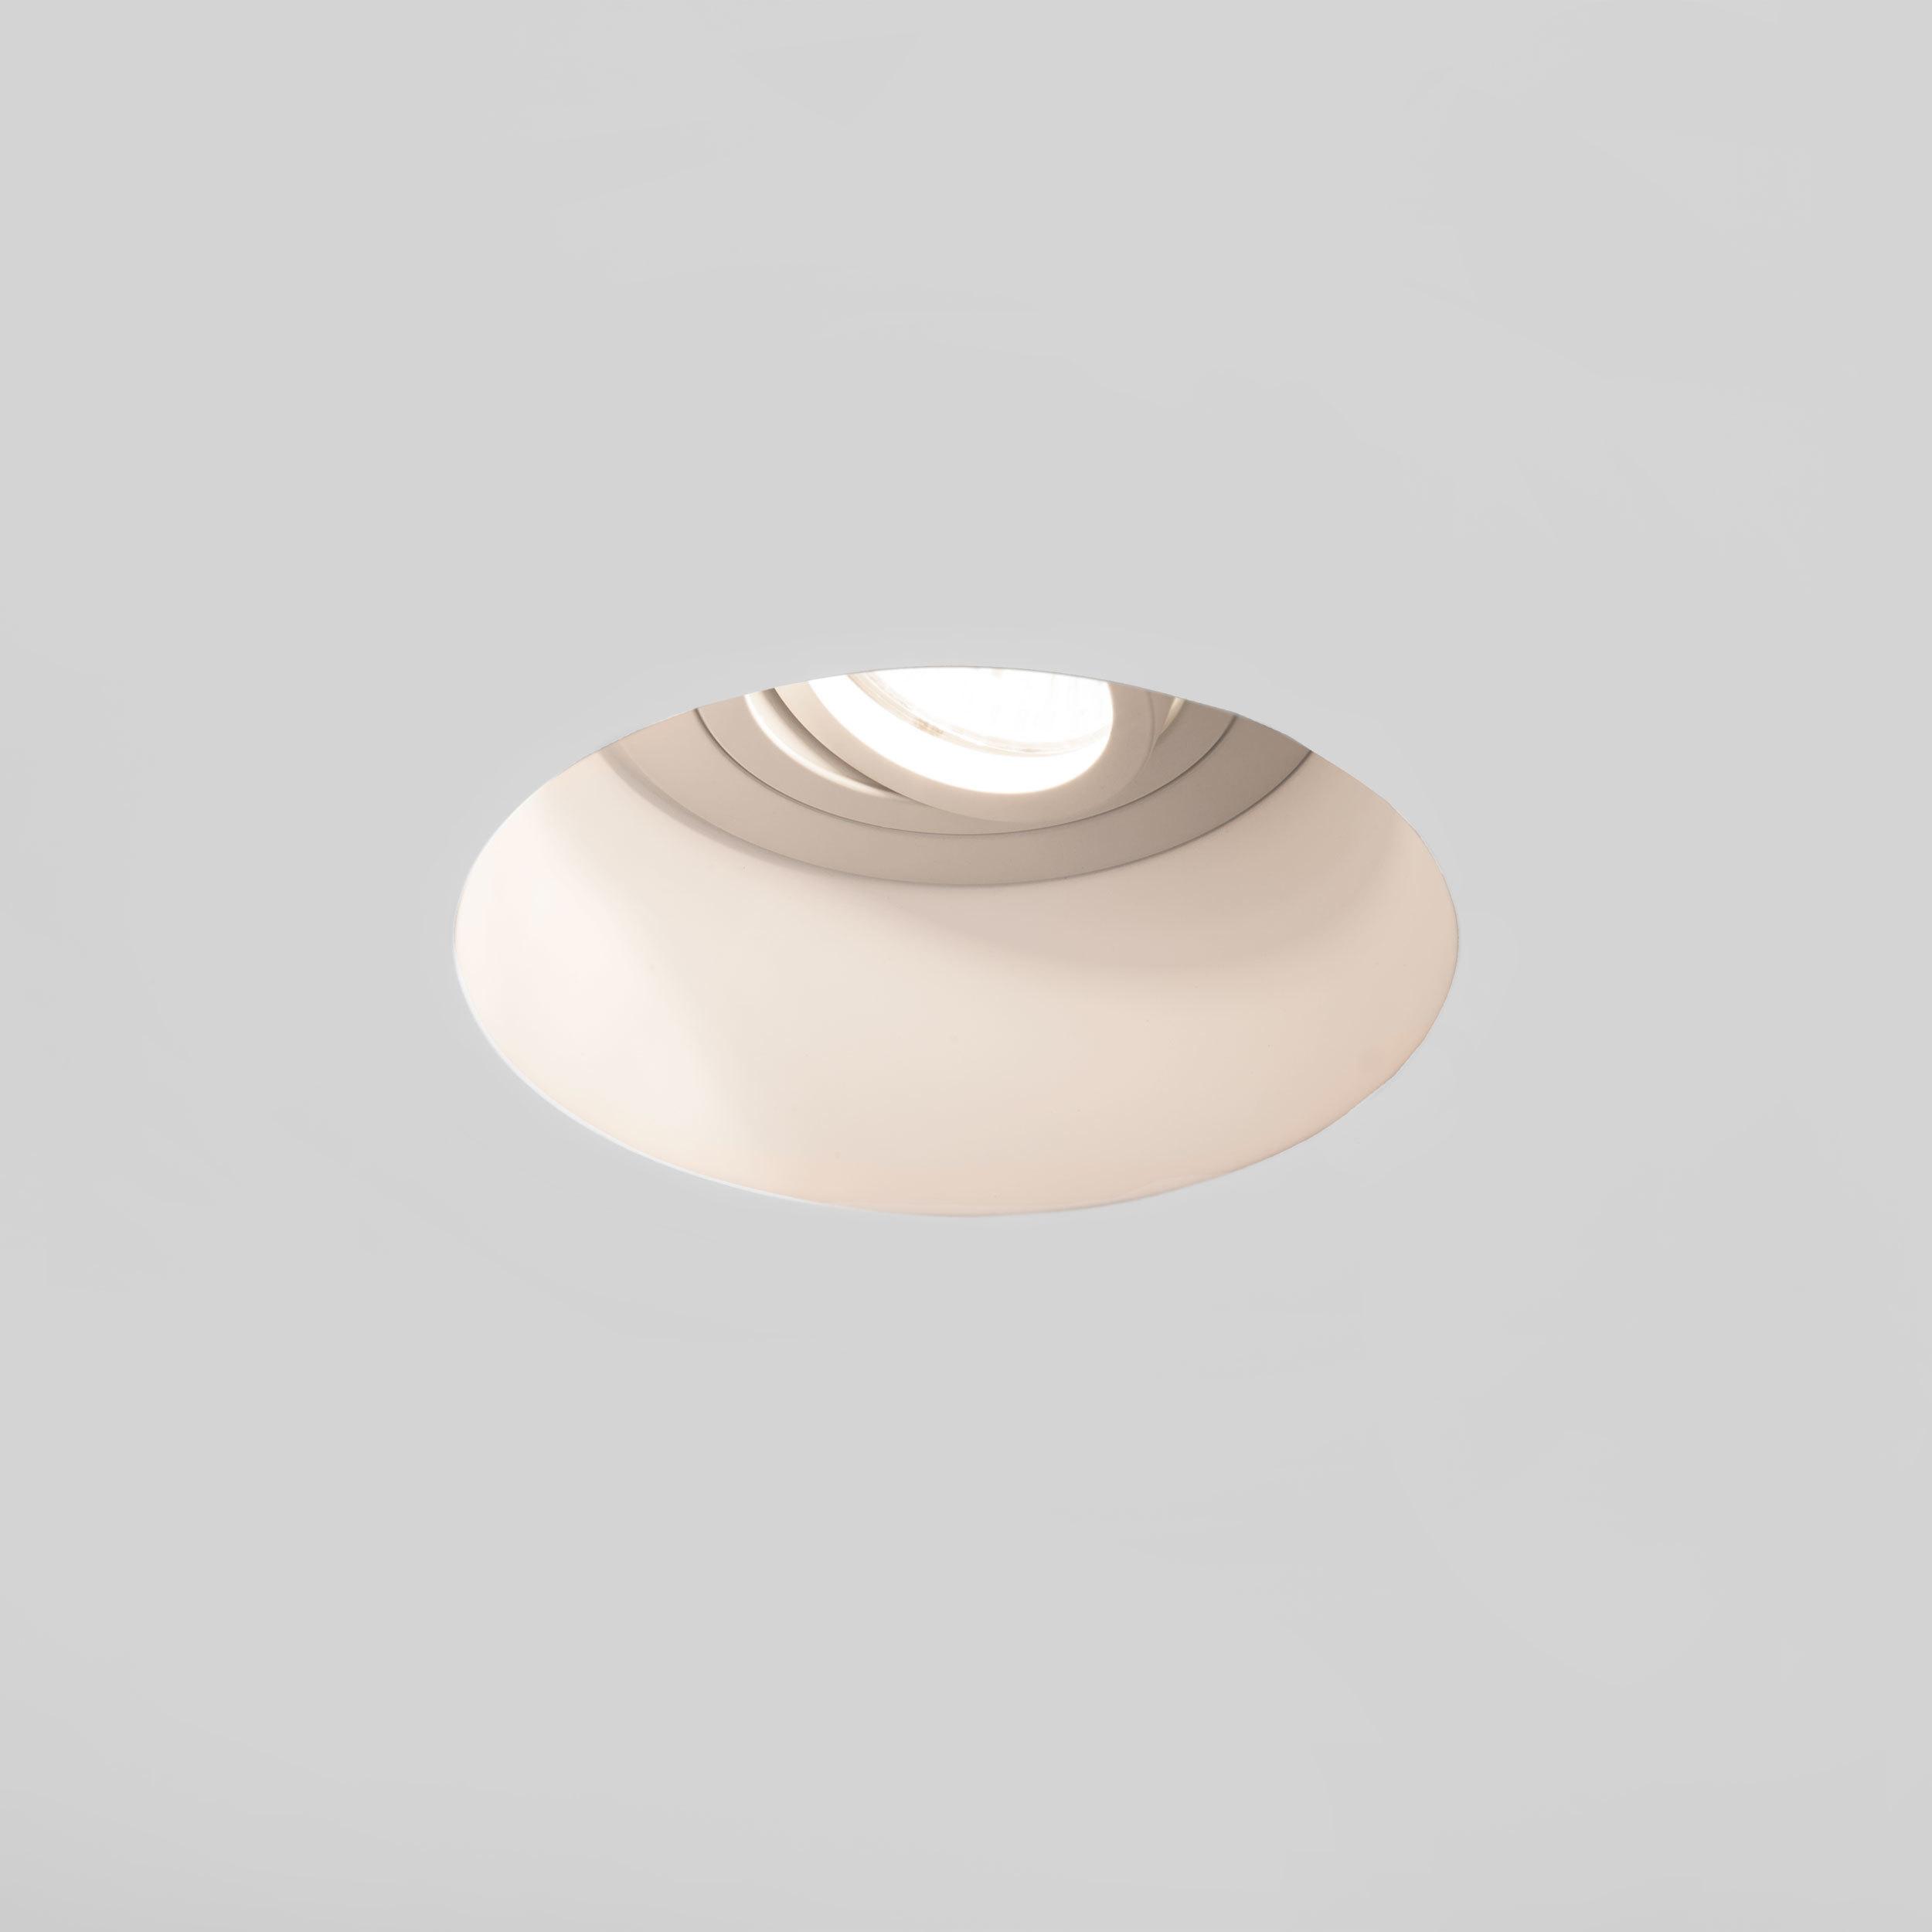 Встраиваемый светильник Astro Blanco 1253005 (7343), 1xGU10x50W, белый, под покраску, гипс, металл - фото 1